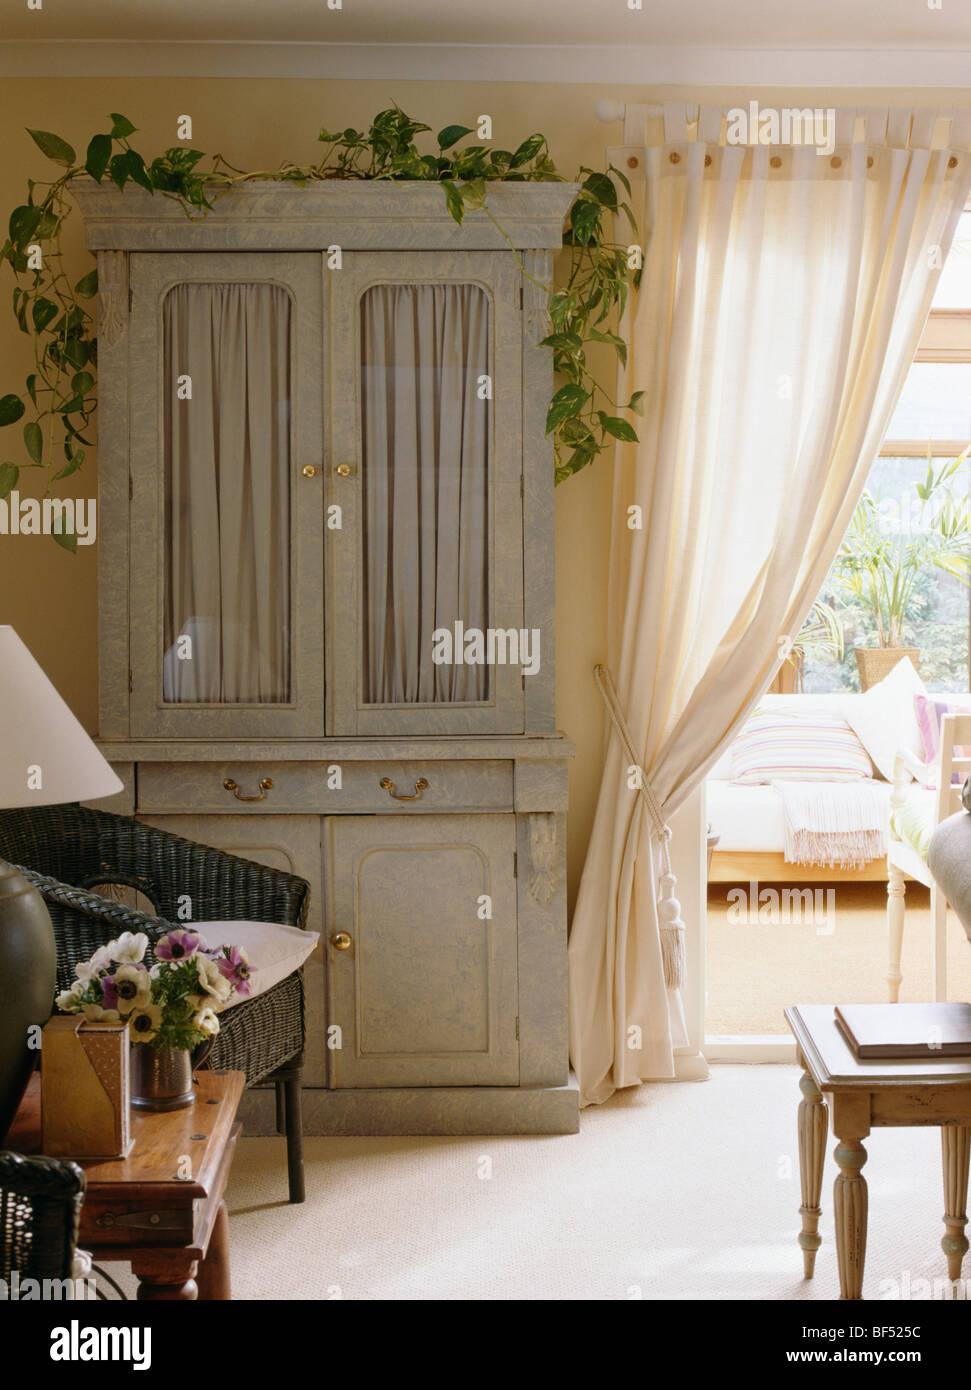 Creme Land Wohnzimmer Mit Pastell Grn Bemalten Schrank Neben Cremefarbene Vorhnge Wintergarten